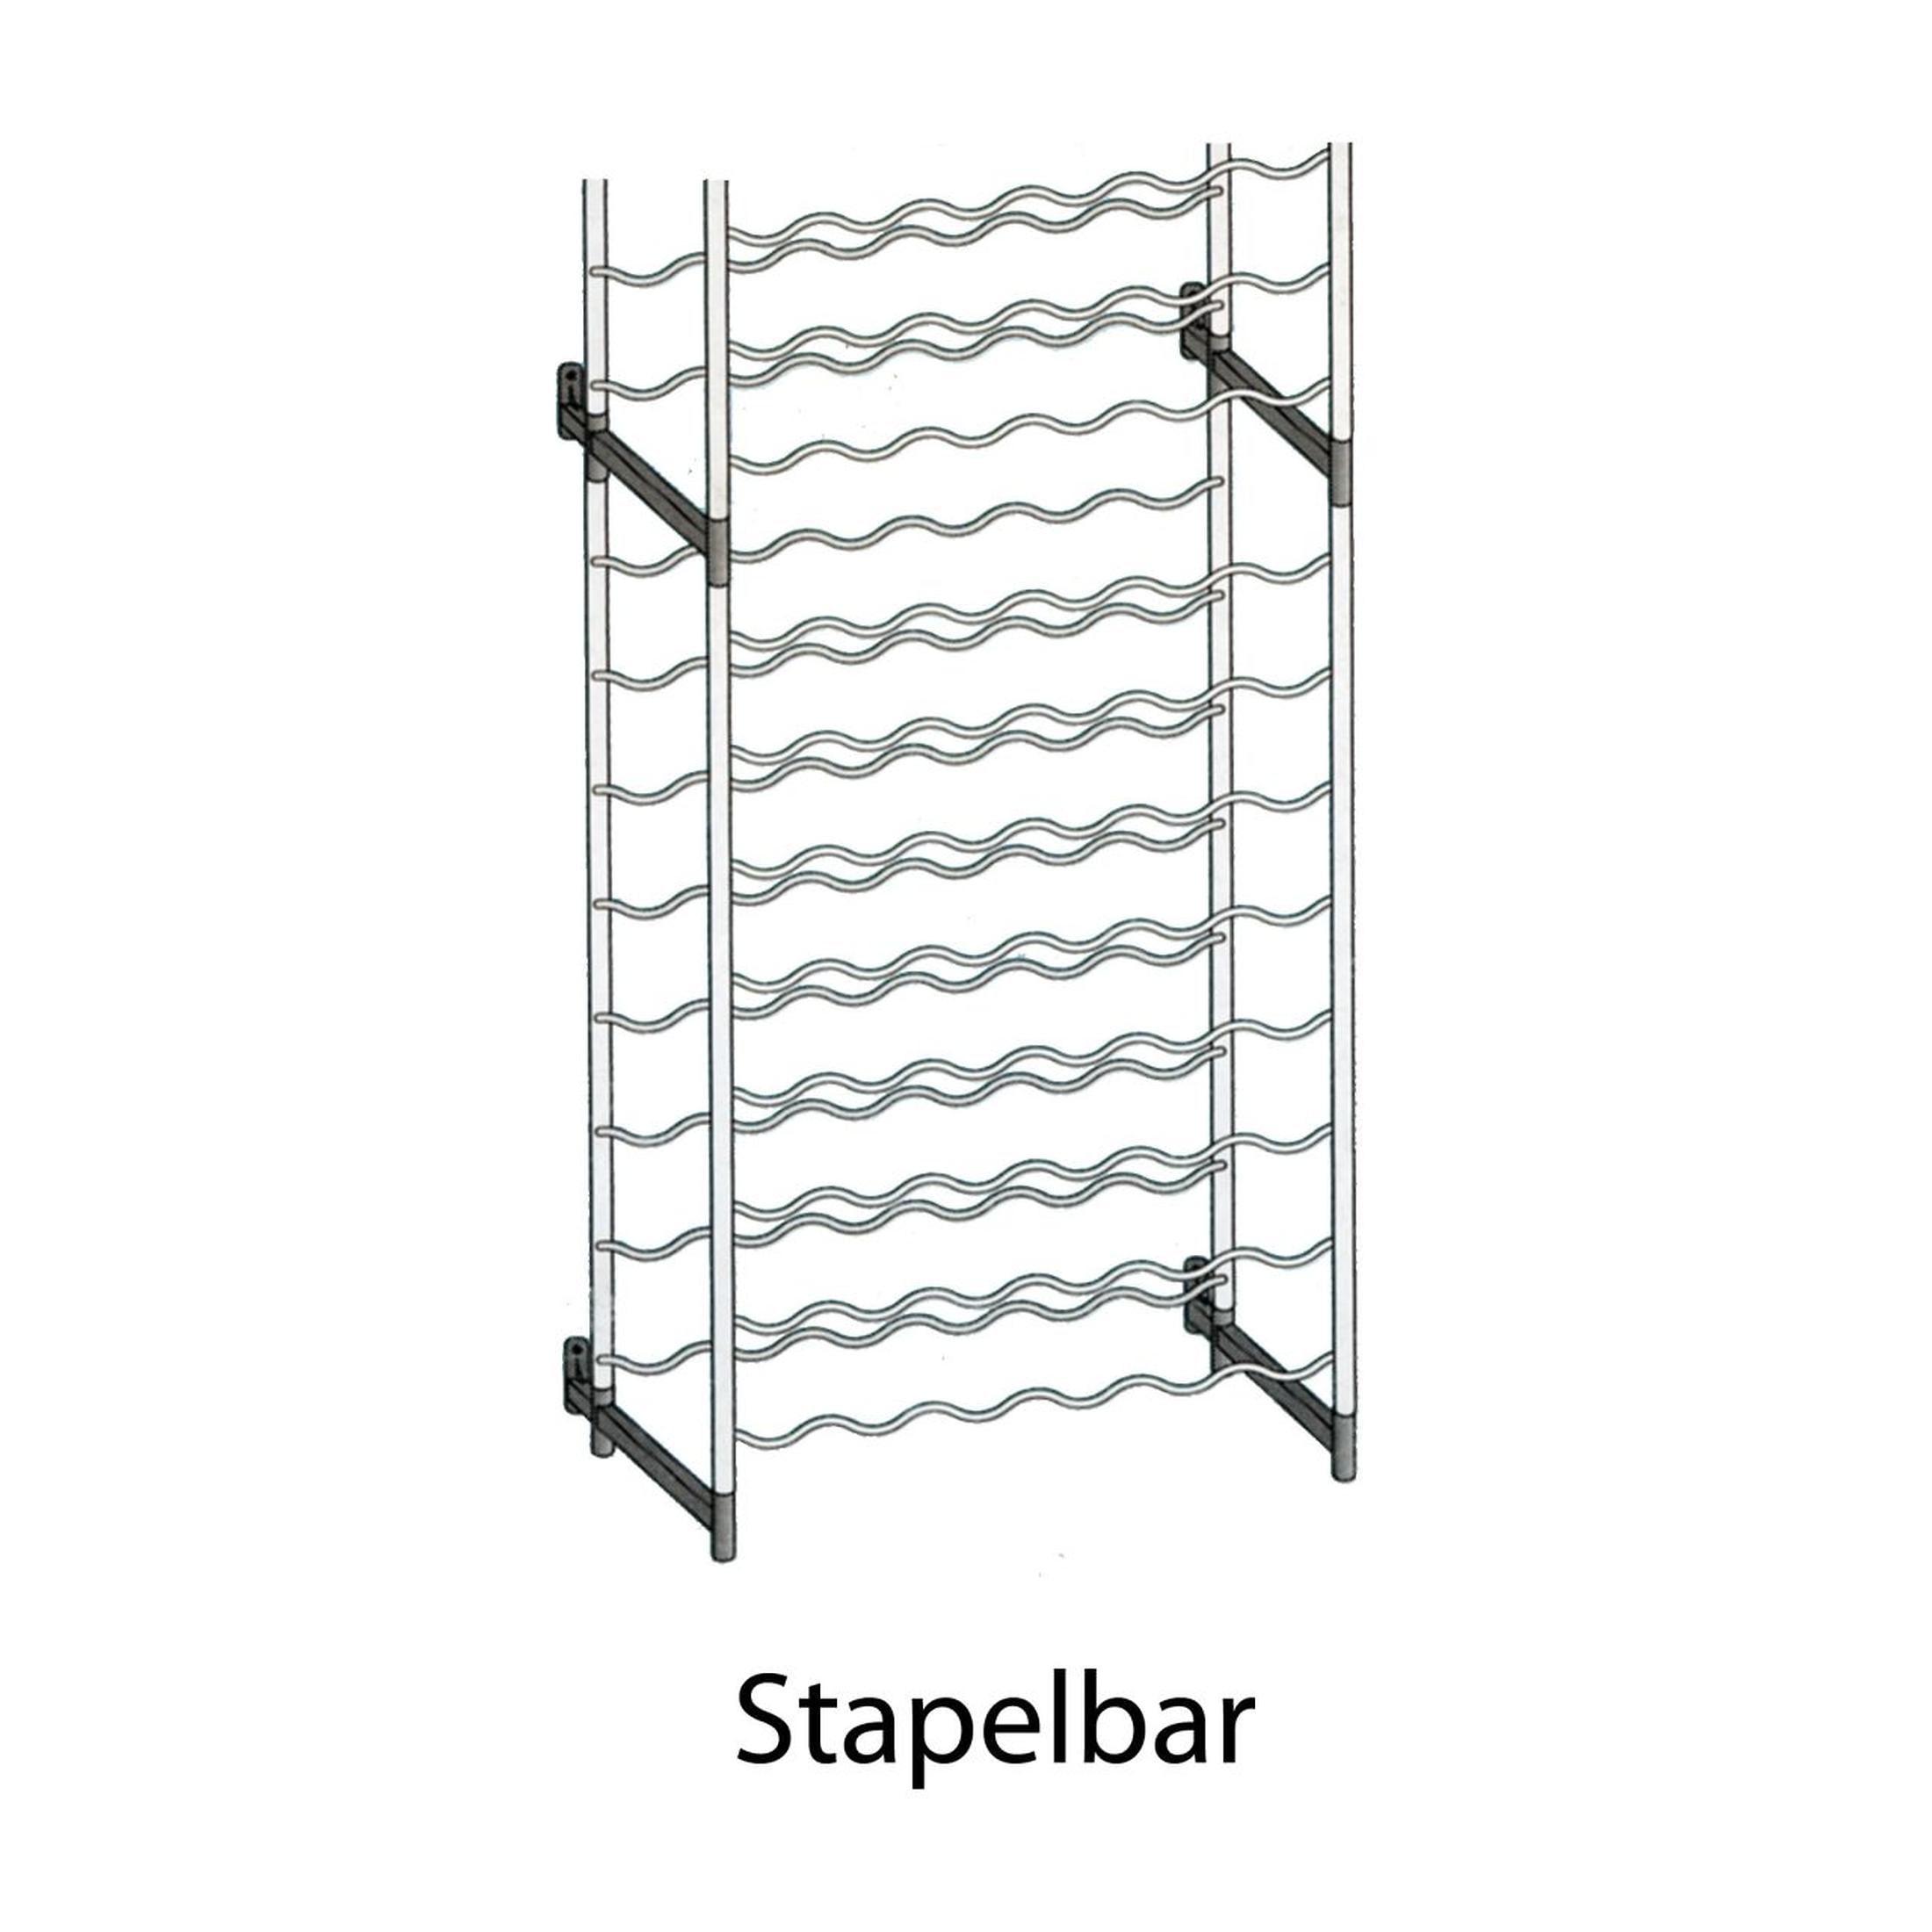 weinregal flaschenregal system bardolino metall mit kunststoff berzogen sta ebay. Black Bedroom Furniture Sets. Home Design Ideas